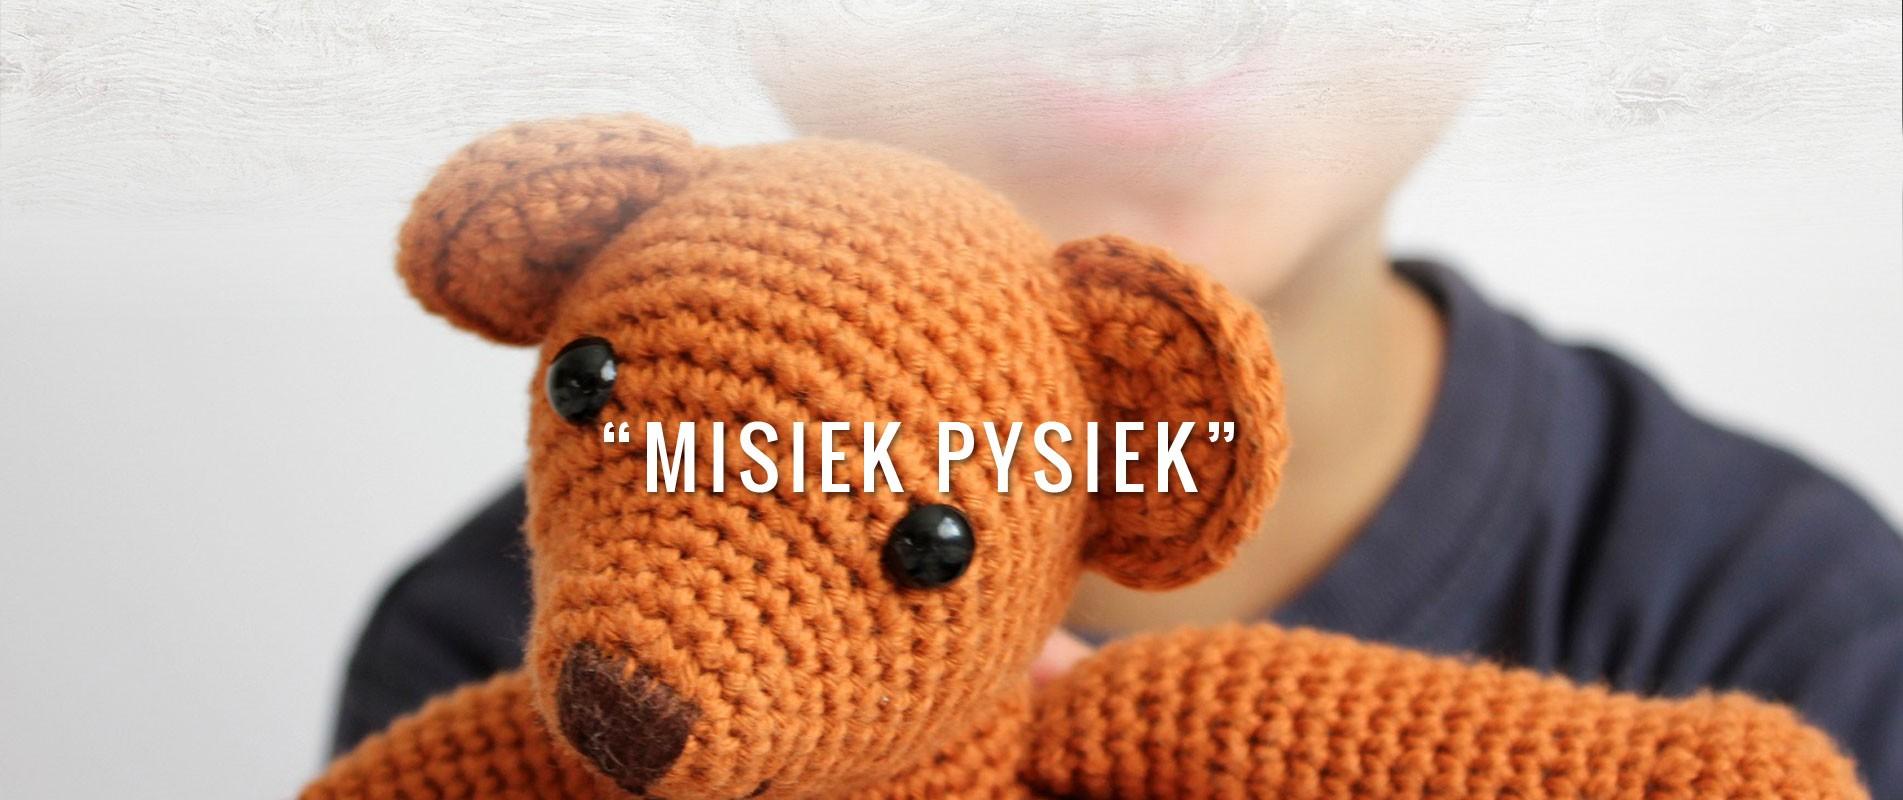 misiek-pysiek